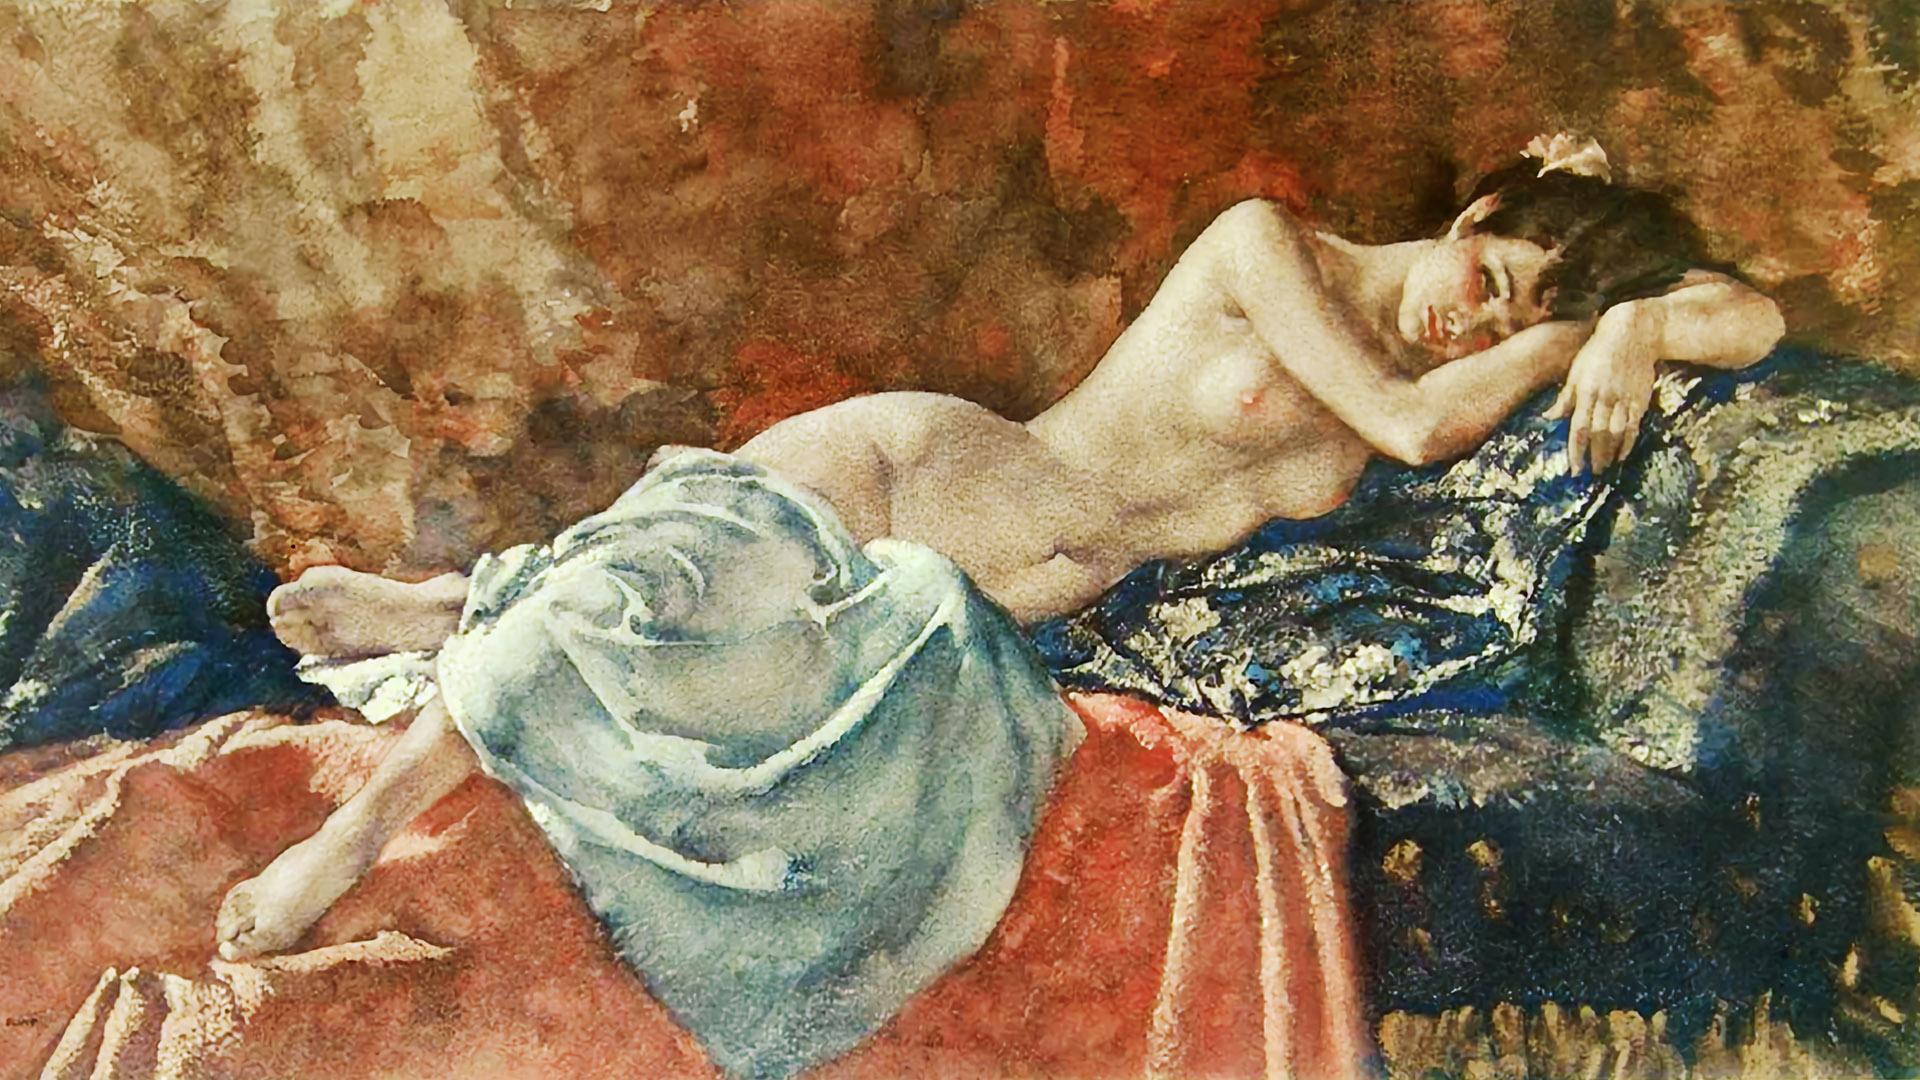 ウィリアム・ラッセル・フリント William Russell Flint - Reclining Nude II 1920x1080